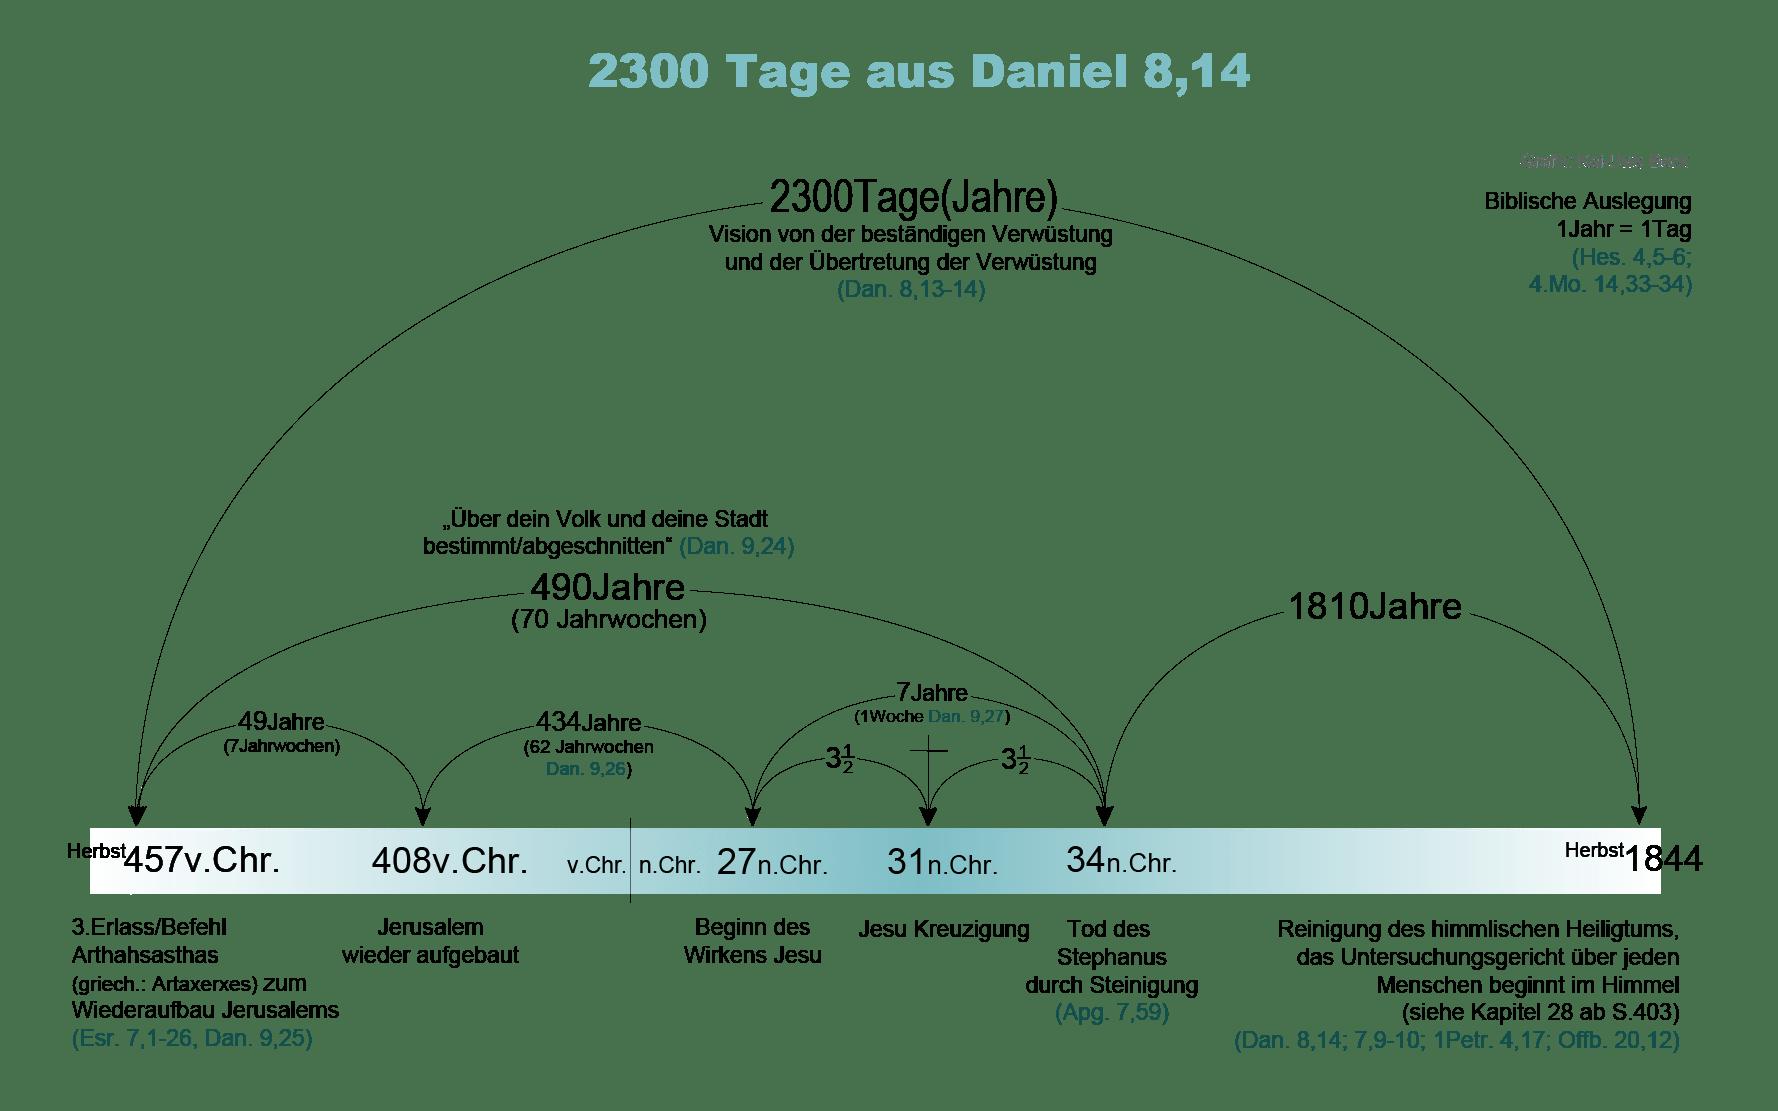 2300 Tage in Daniel 8. Prophezeiung die bis in das Jahr 1844 reichte.